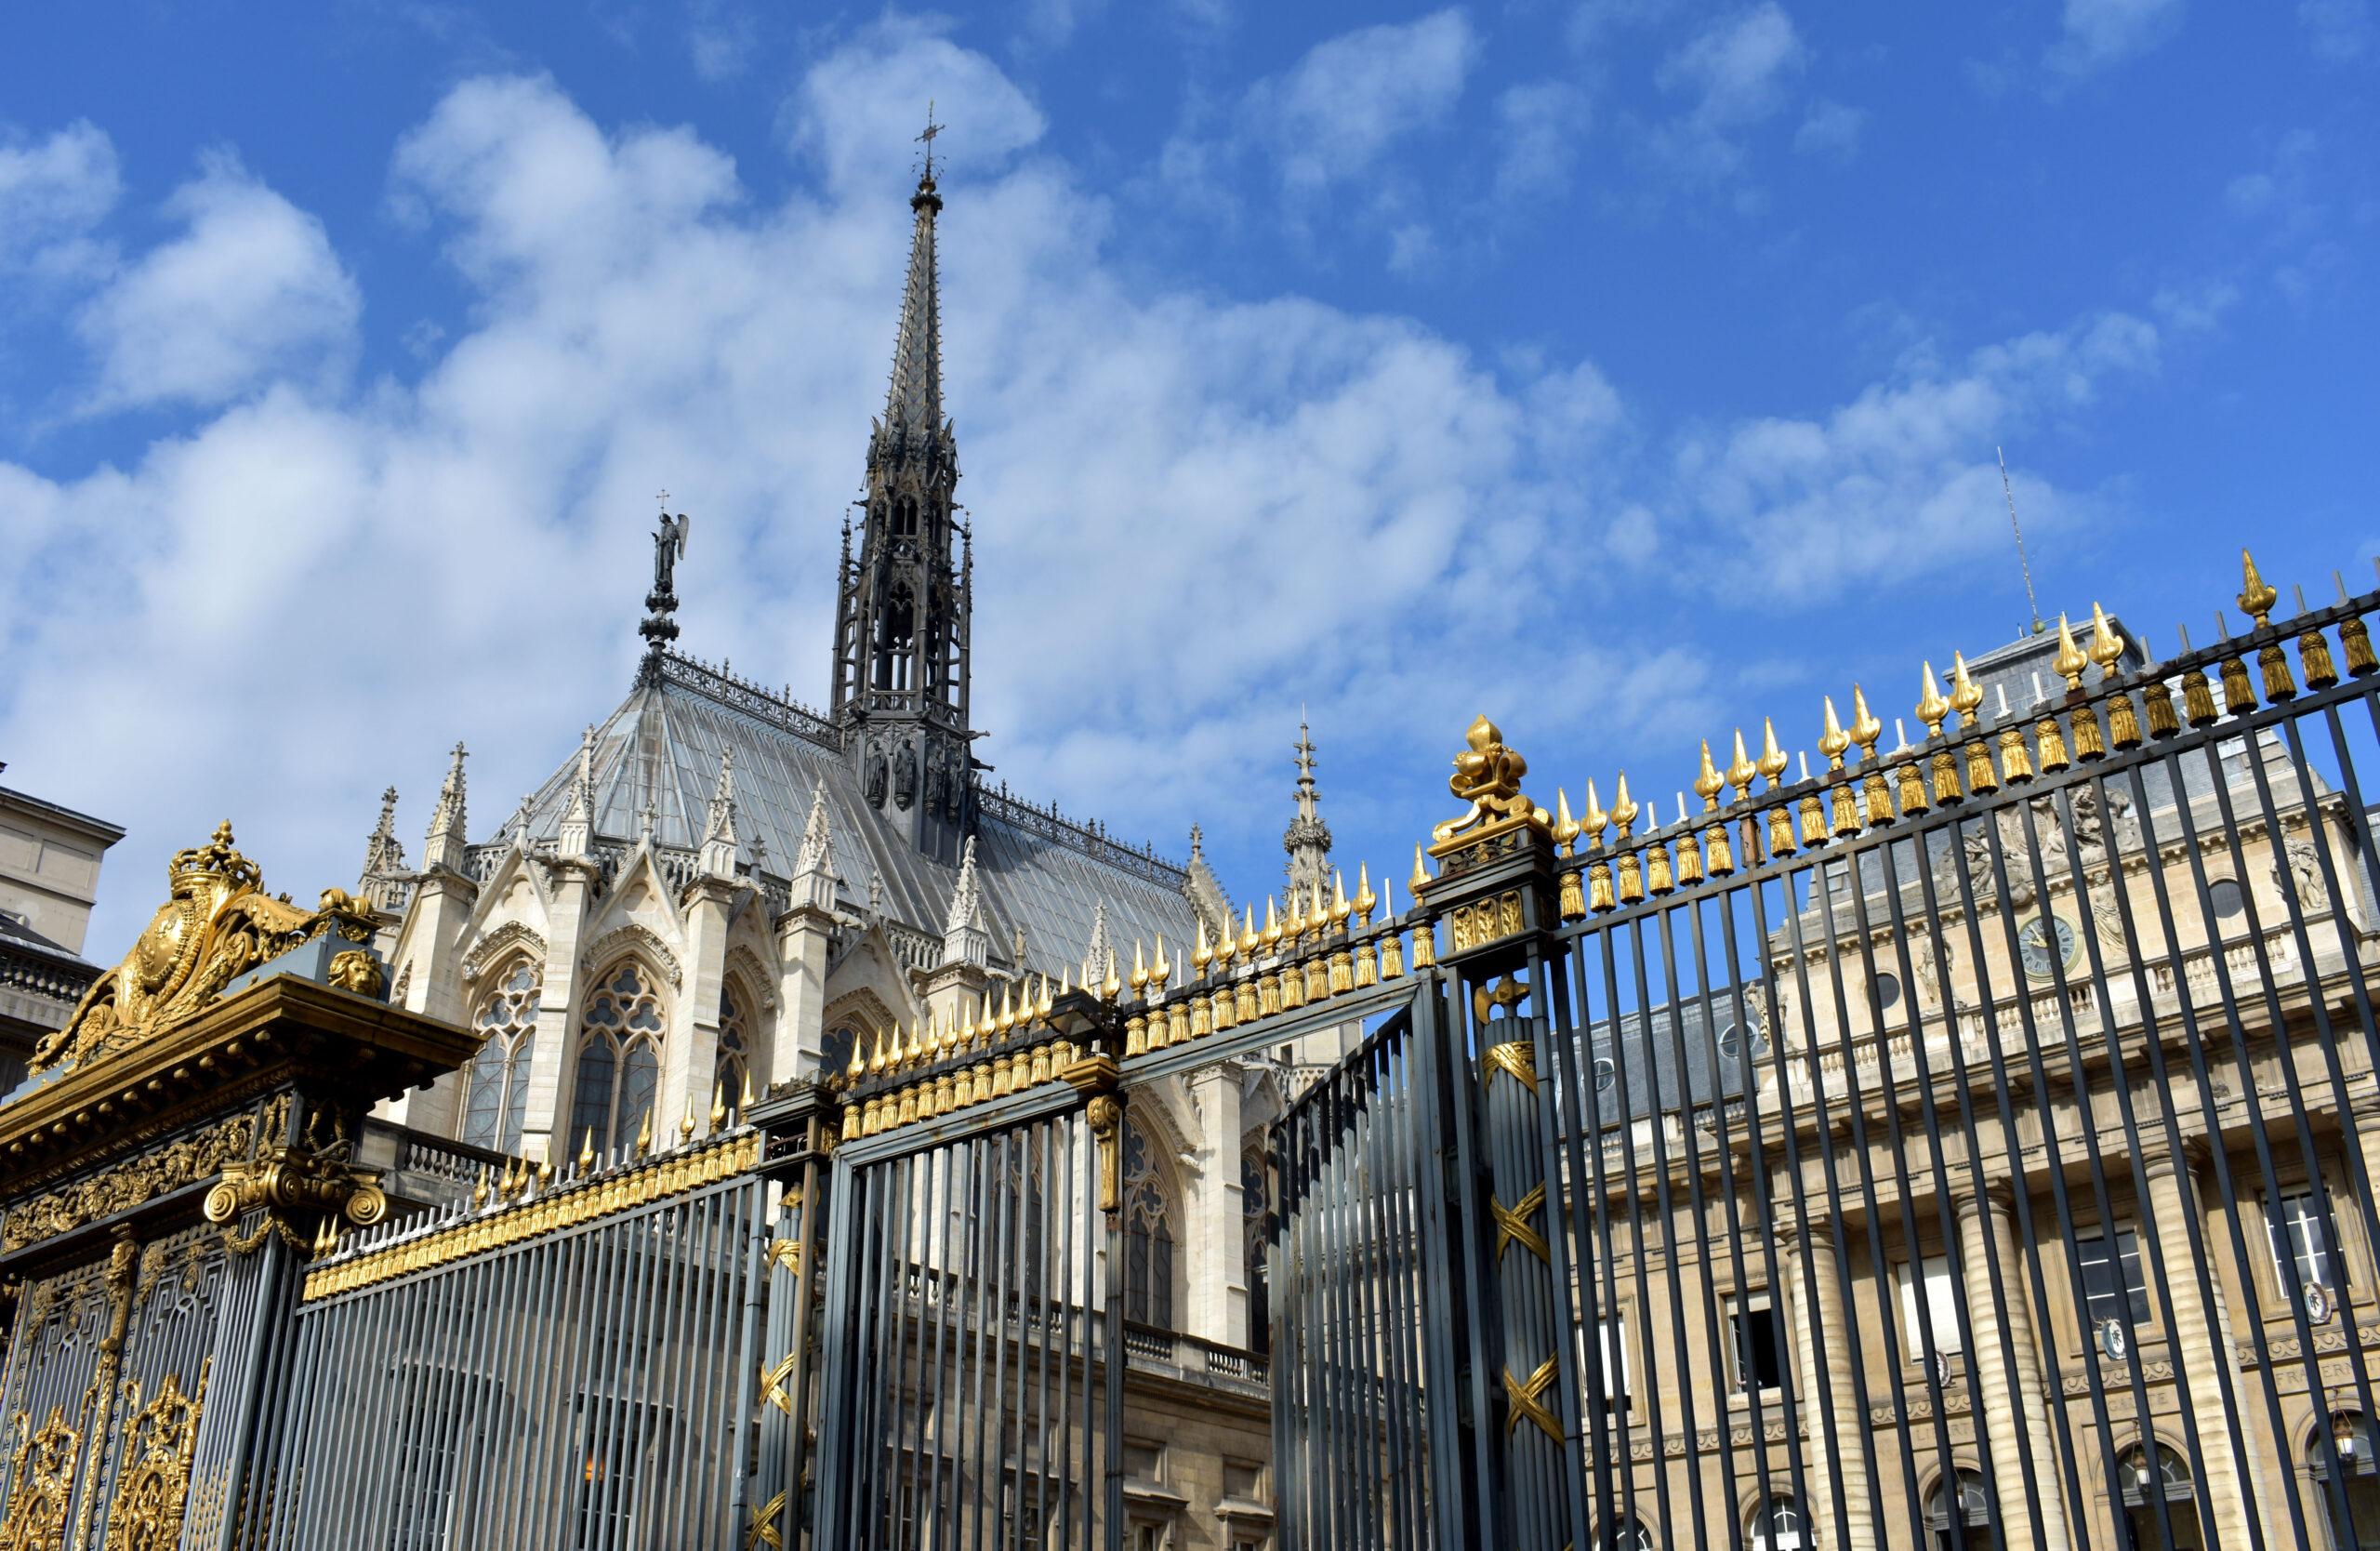 Sainte-Chapelle Paris front gitter kirke bygning